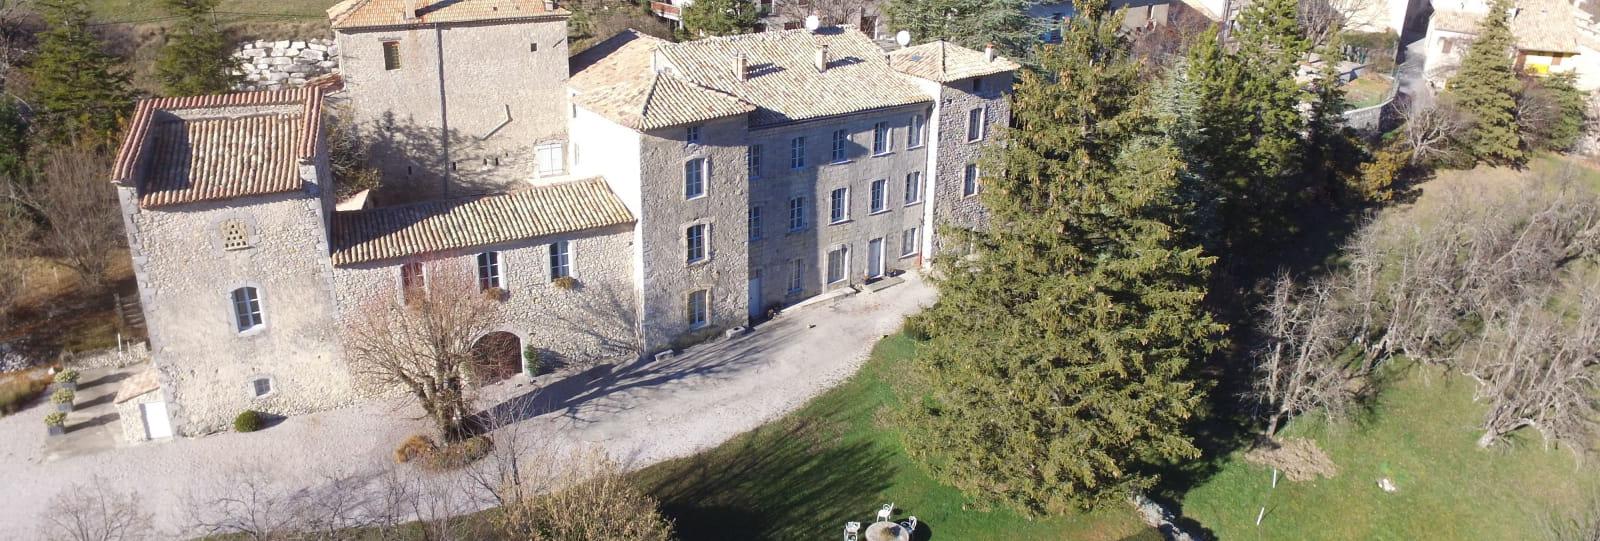 Château de Montfroc - Gîte If